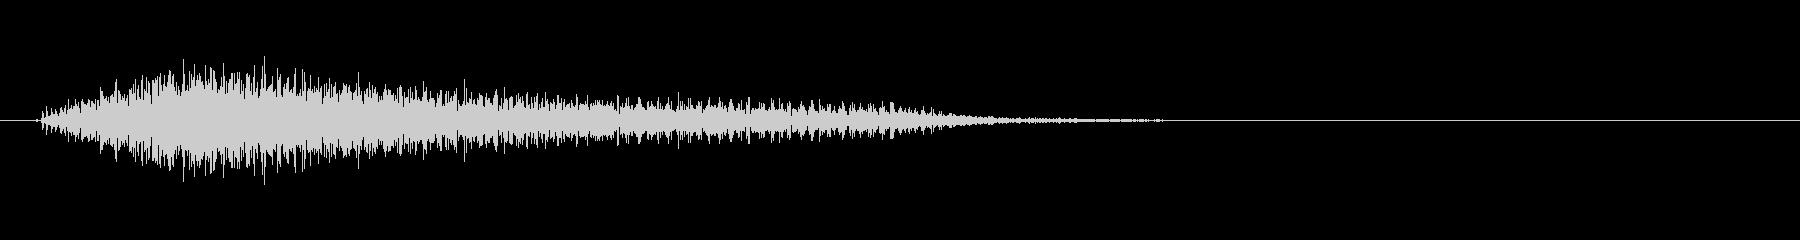 エレキギターじゃら~ん02リバーブの未再生の波形